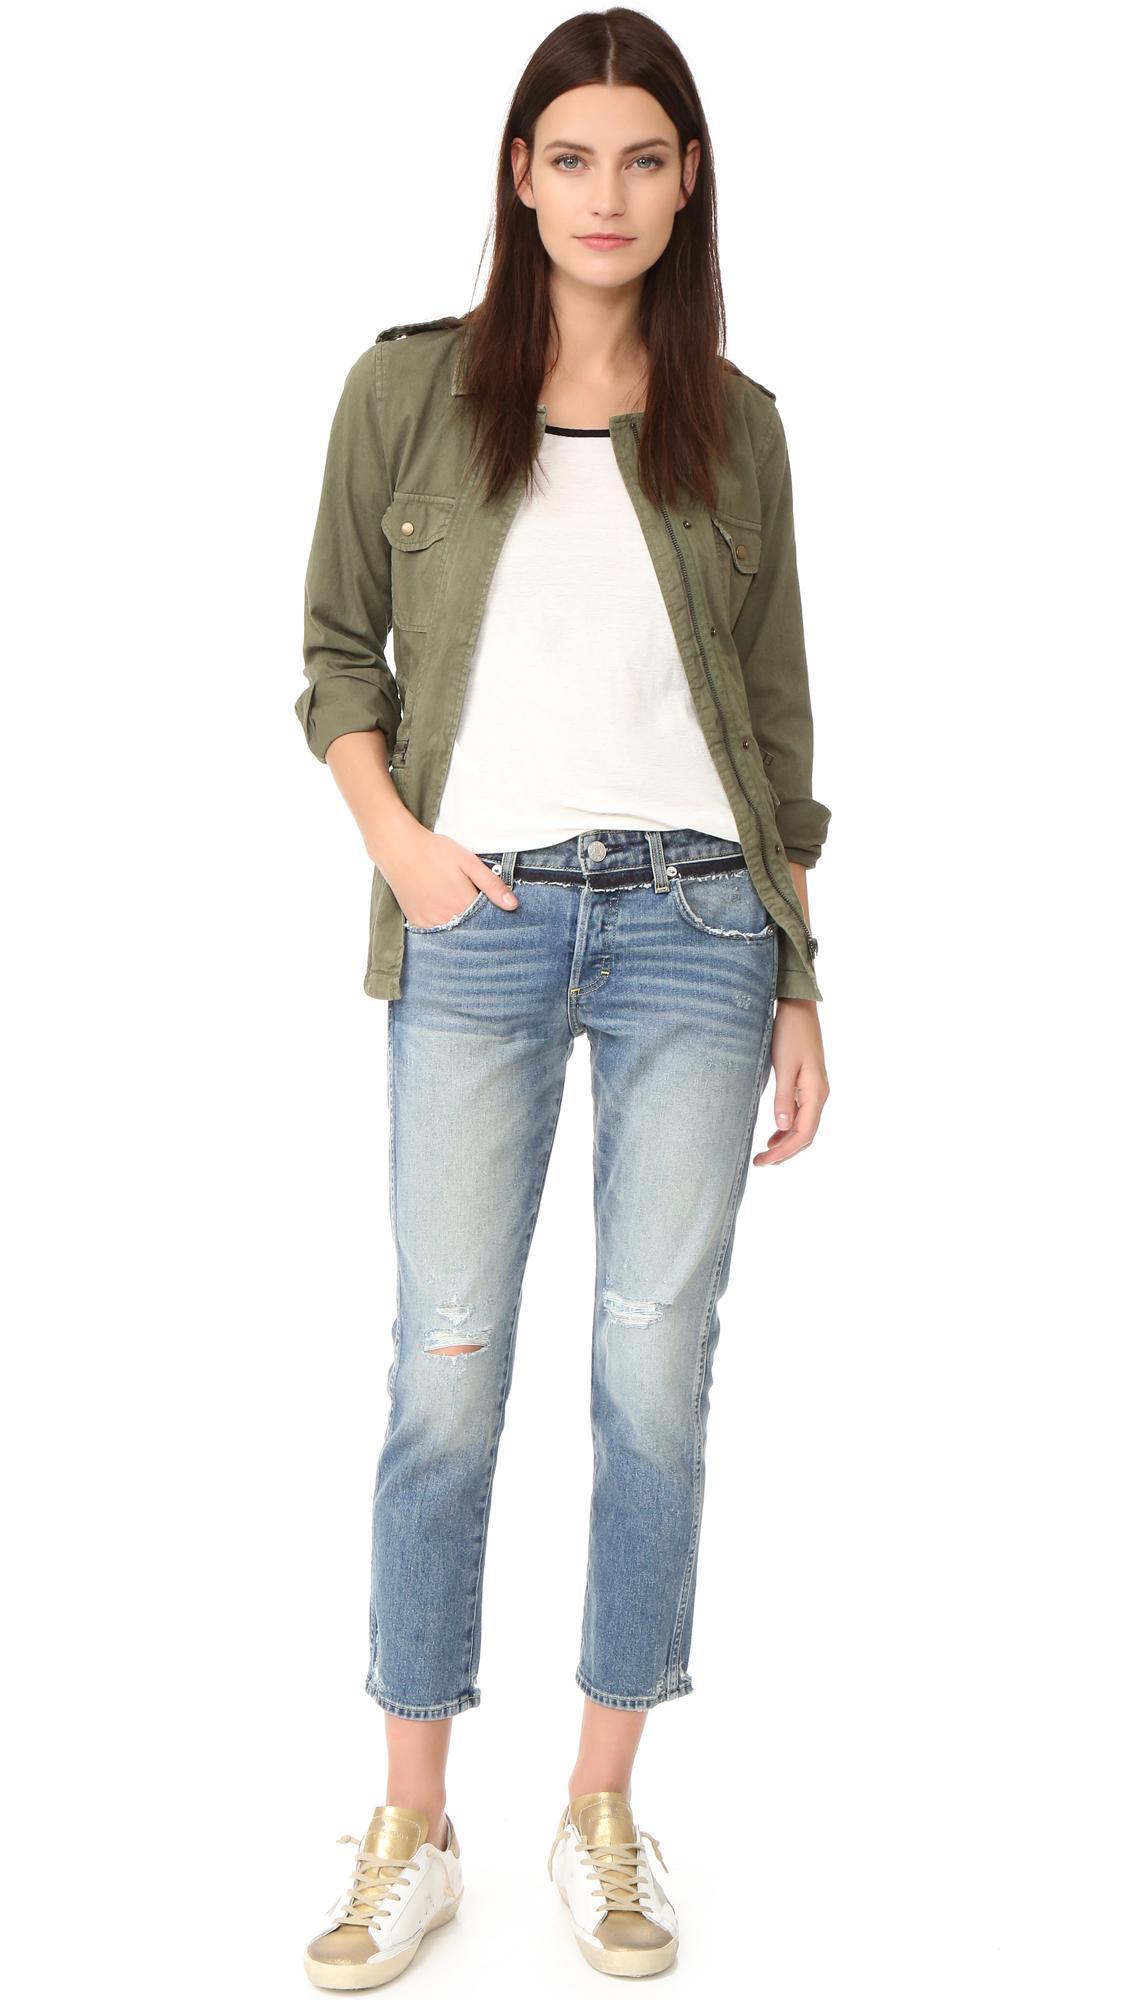 Lyst - Amo Tomboy Crop Jeans in Blue